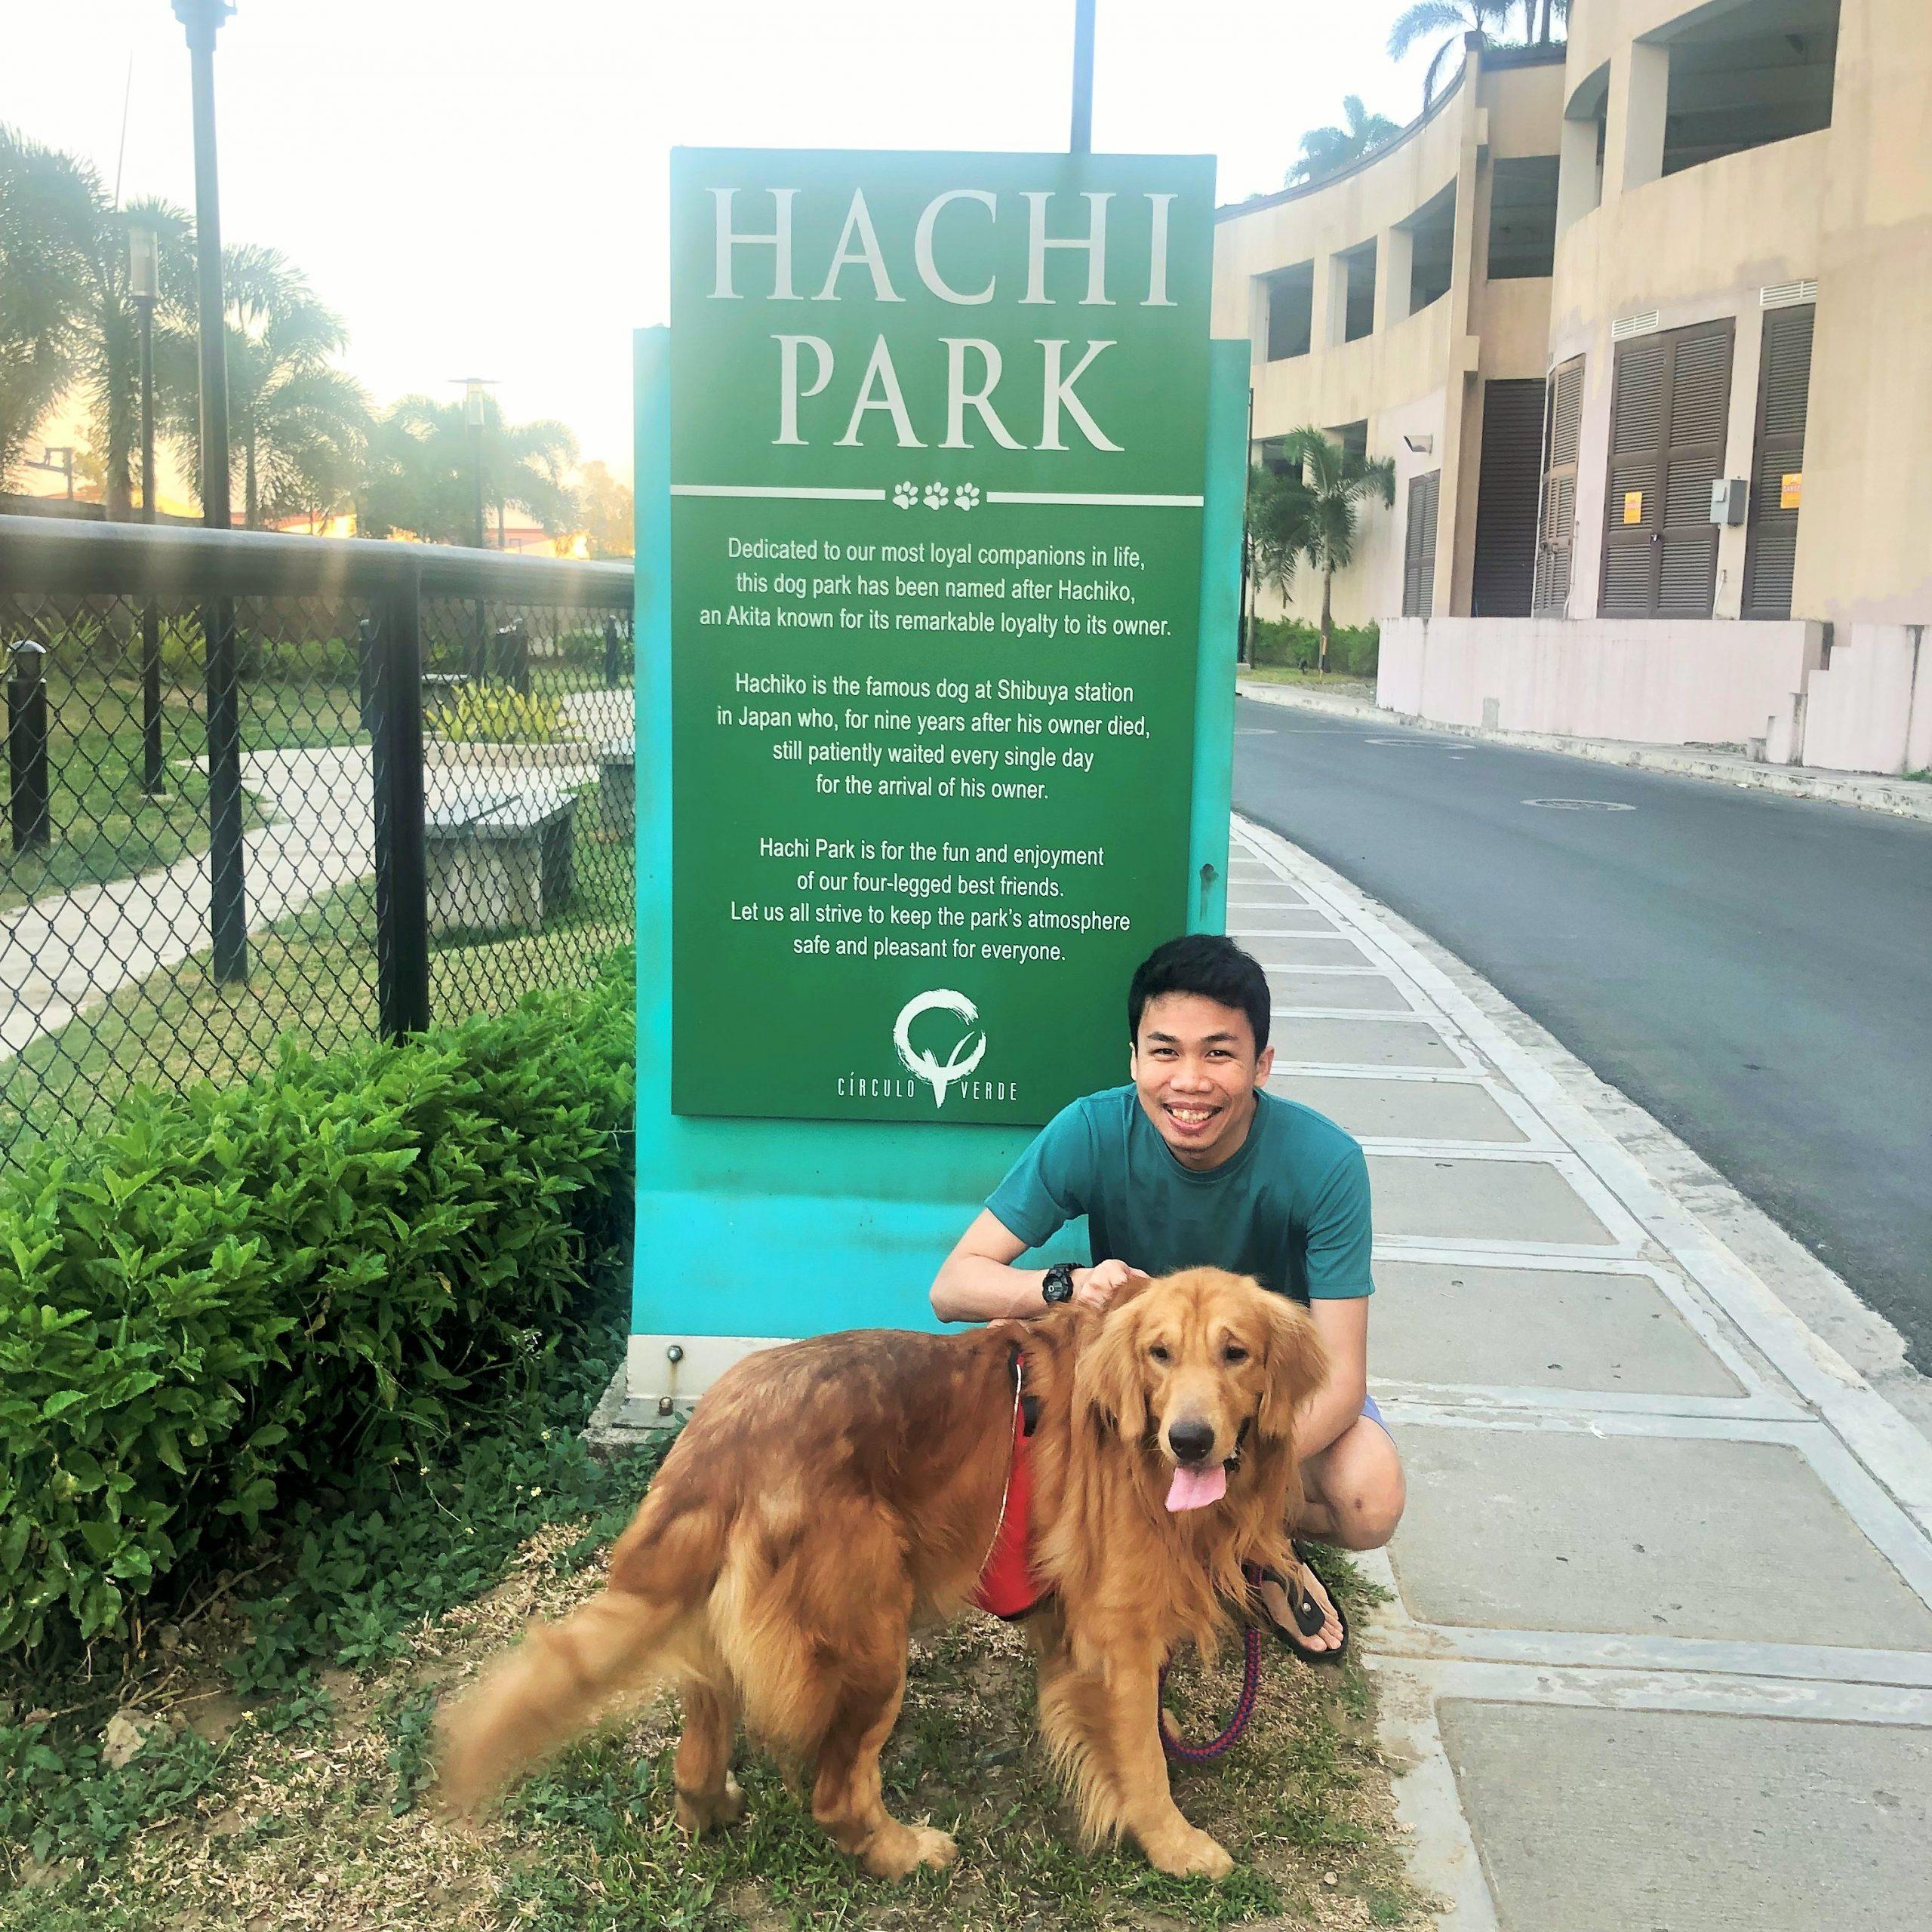 scout at hachi park